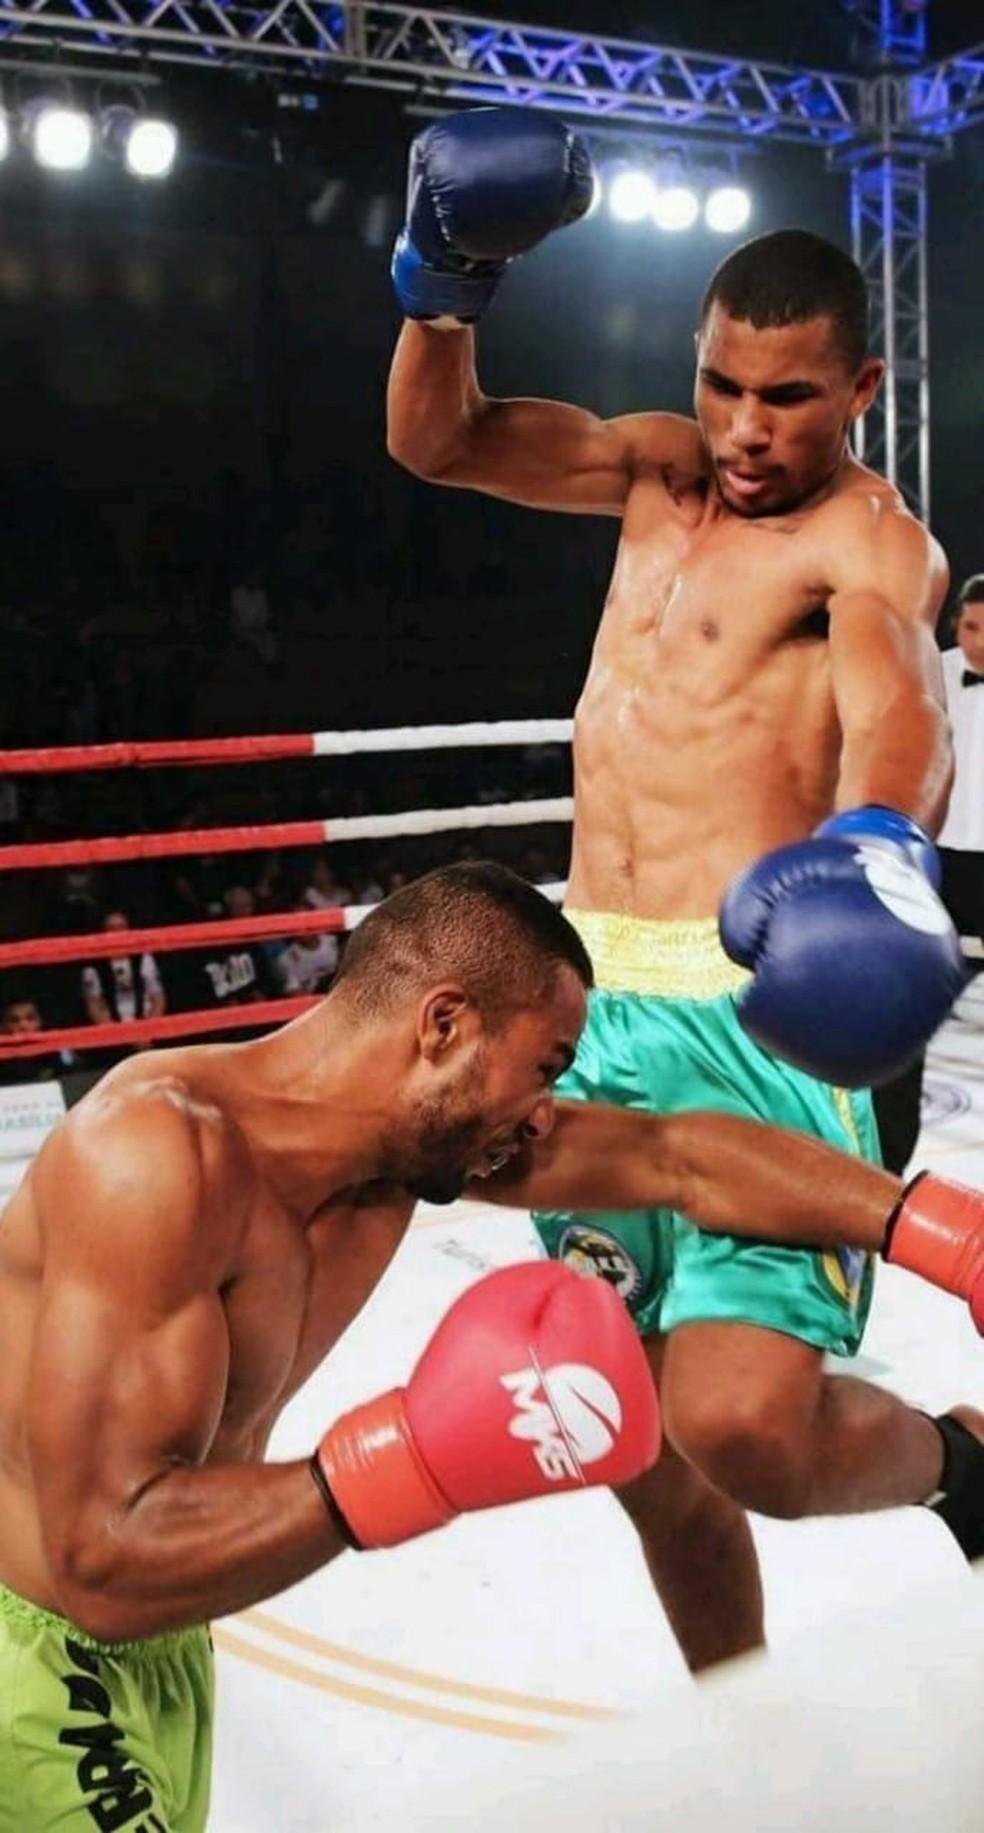 Eliezer começou colecionar títulos e participações em campeonatos e ser reconhecido profissionalmente desde de 2013, quando foi campeão estadual de boxe — Foto: Eliezer Pinho da Silva/Arquivo pessoal